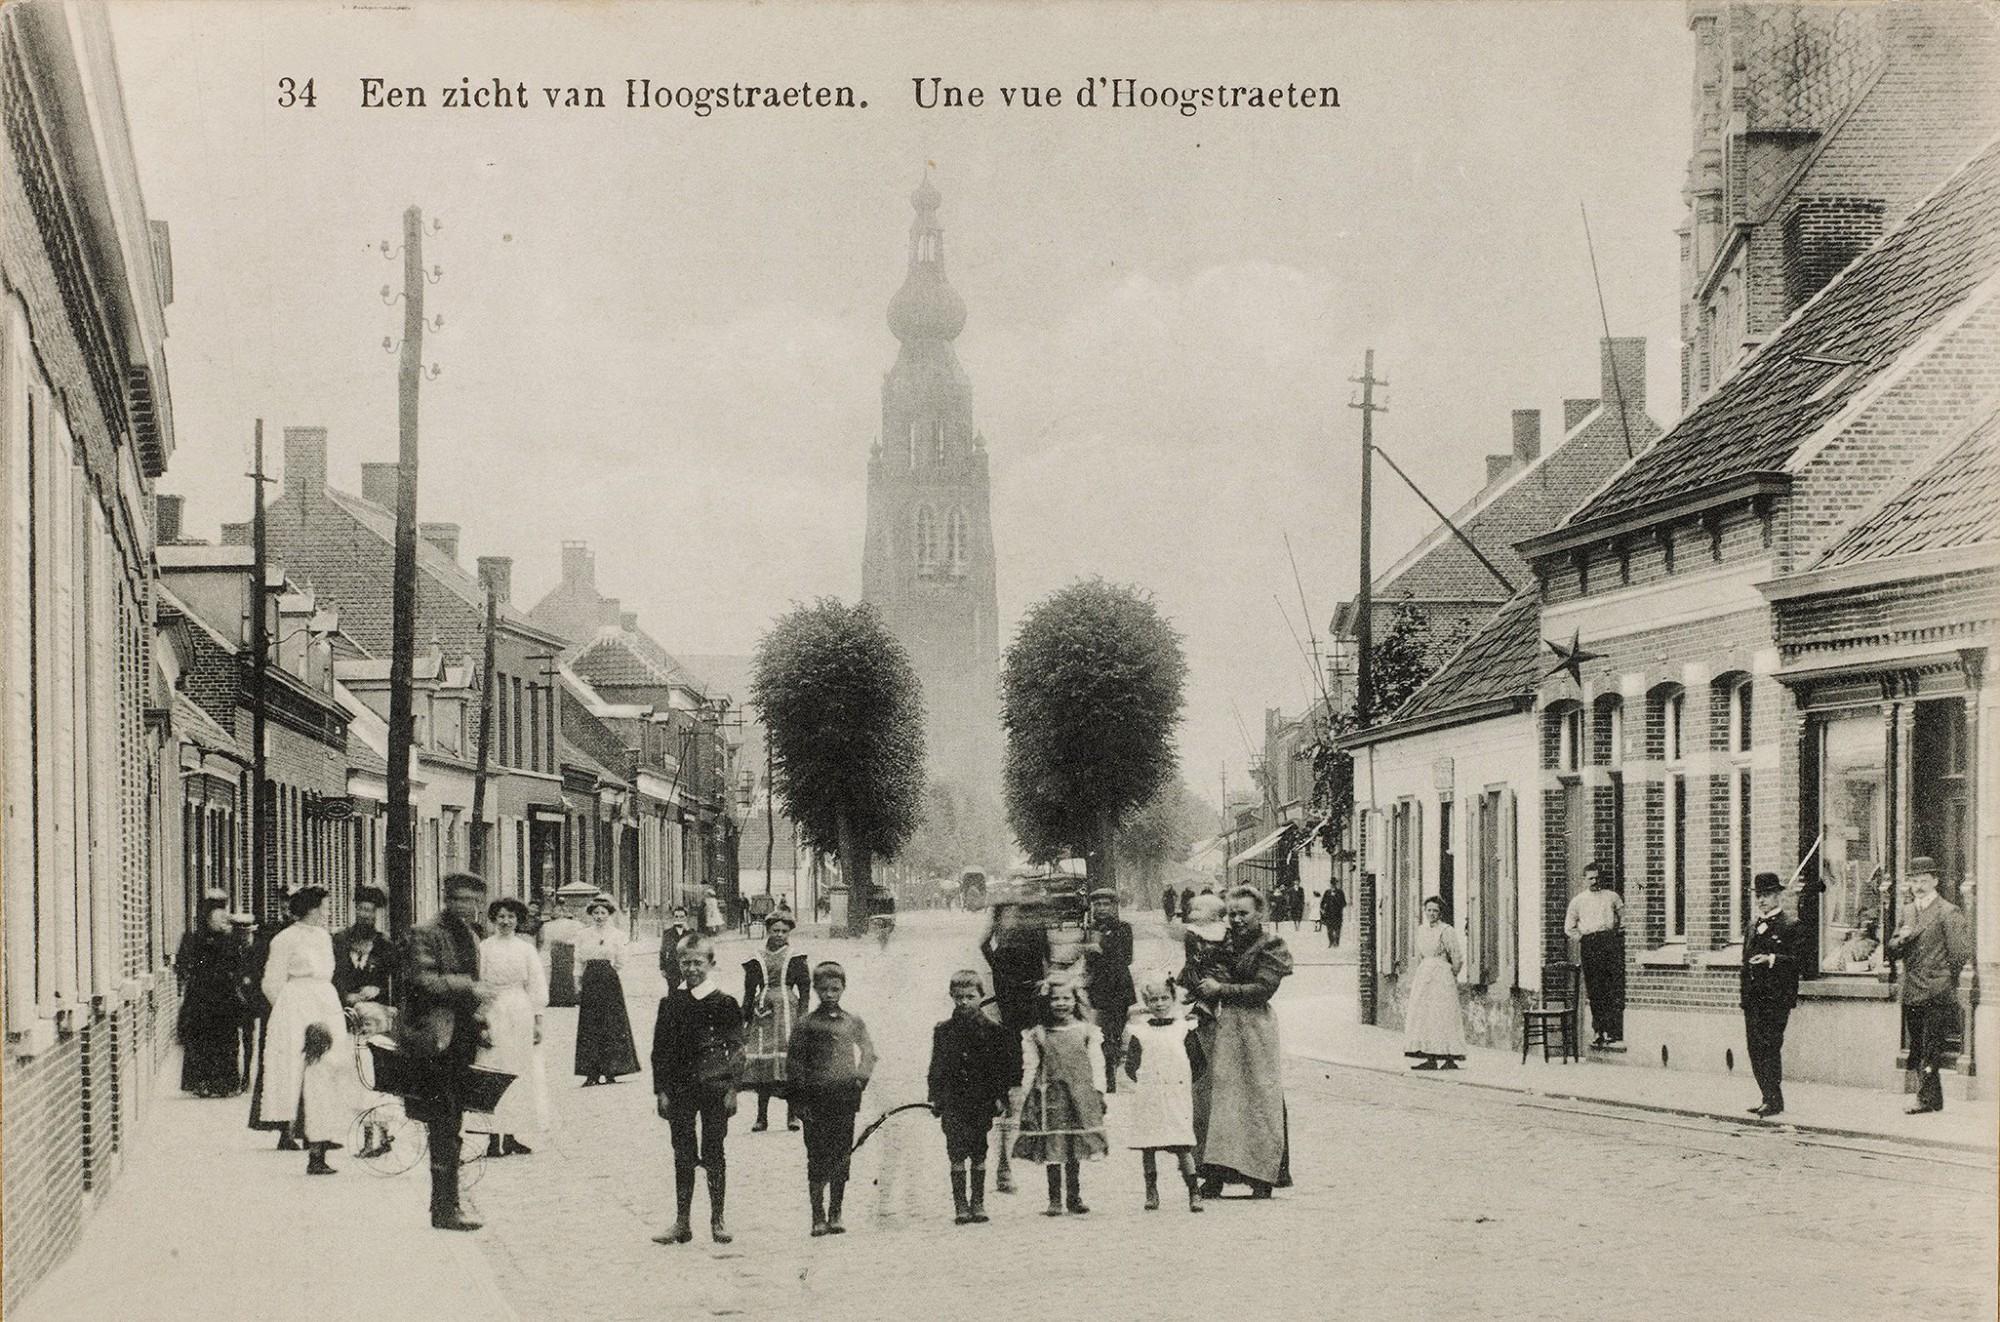 Afbeelding: Reproducties van oude postkaarten.